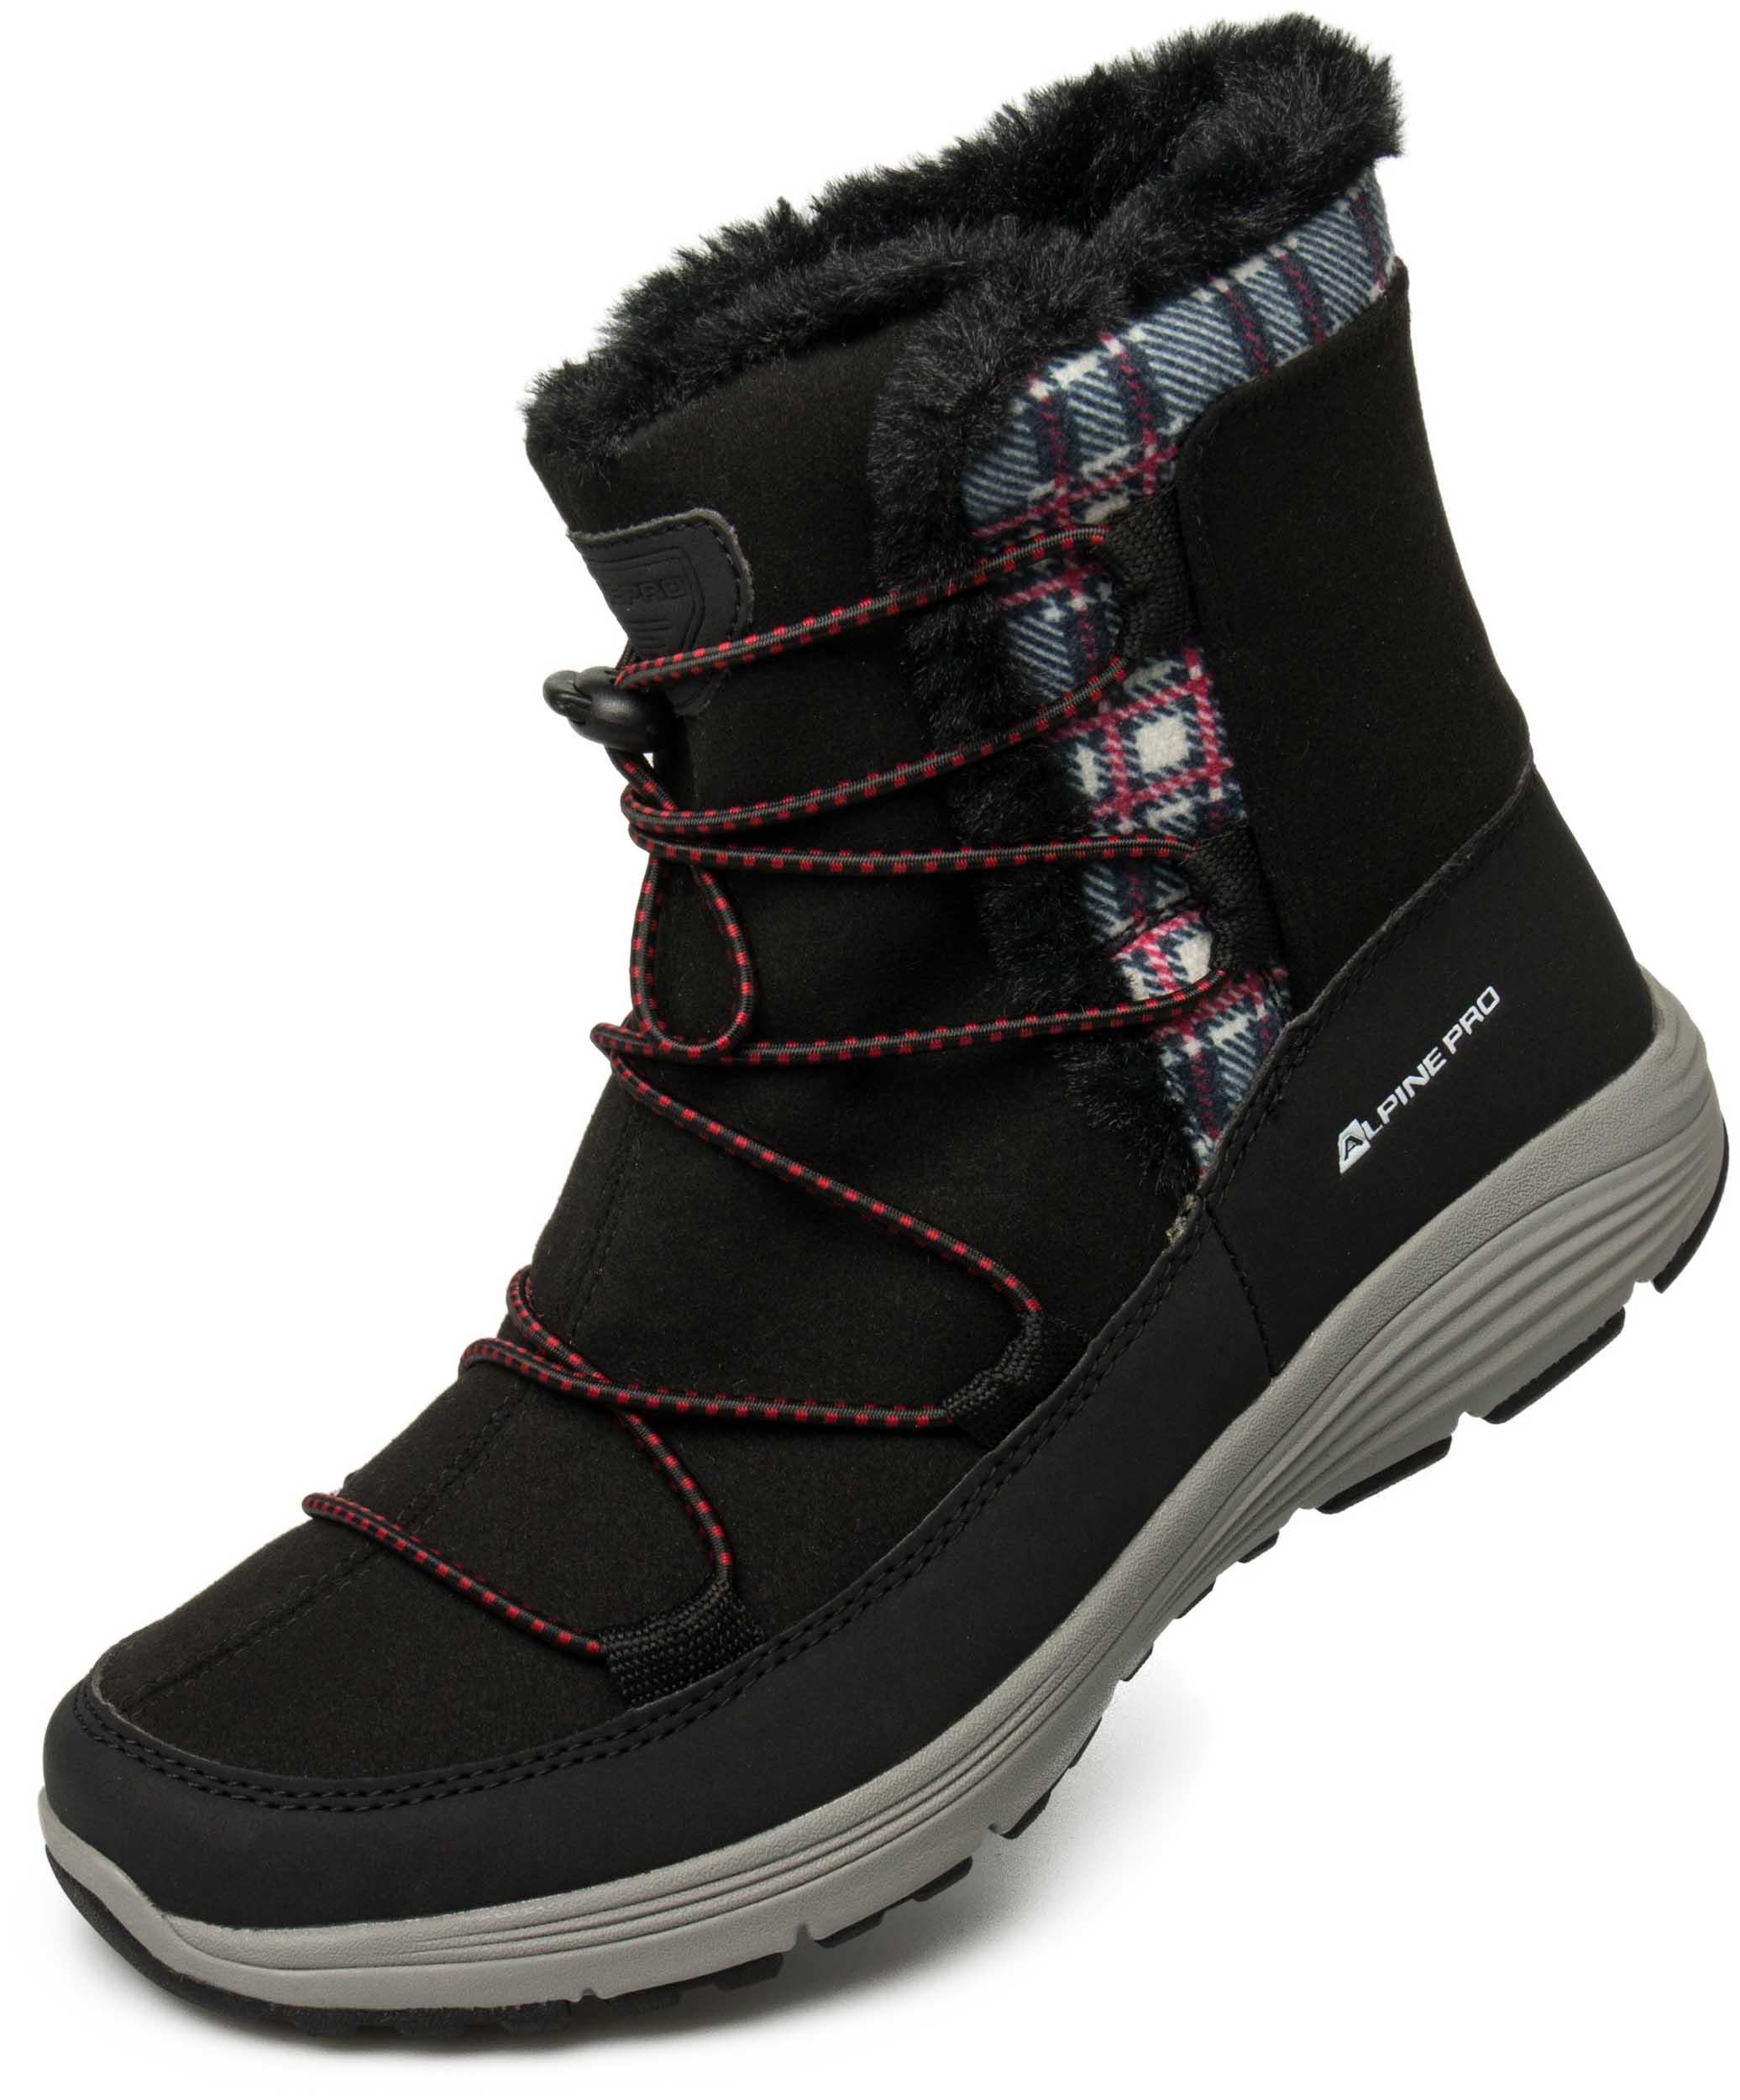 c858d2171cf Dámské zimní boty Alpine Pro - OUTLET-ALPINE.cz